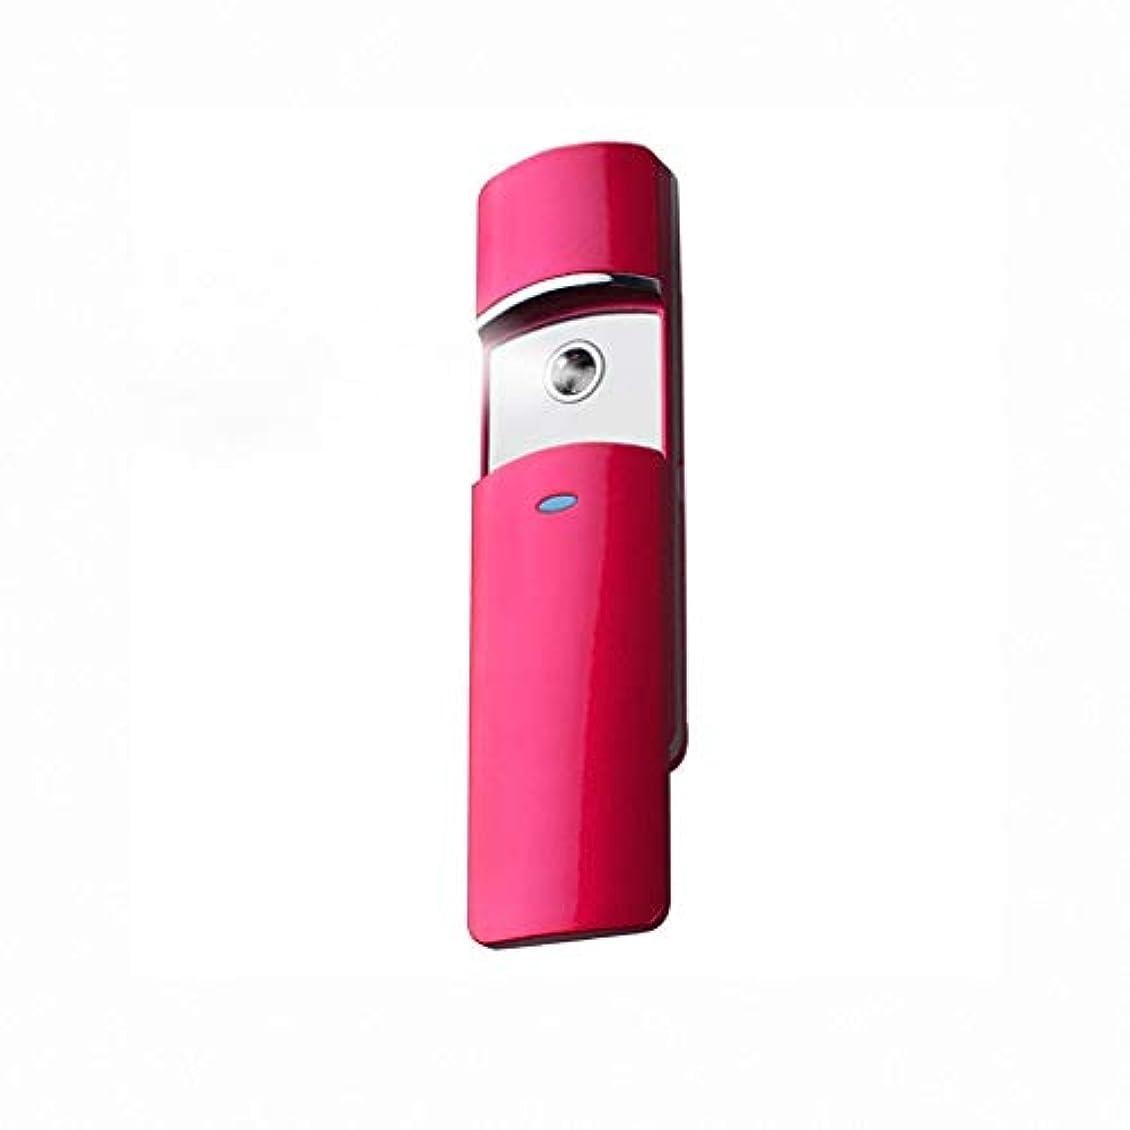 謙虚な湿った適応噴霧器usb充電式ポータブルフェイシャルスプレー用スキンケアメイクアップまつげエクステンションポータブル抗アレルギースチーマー充電器